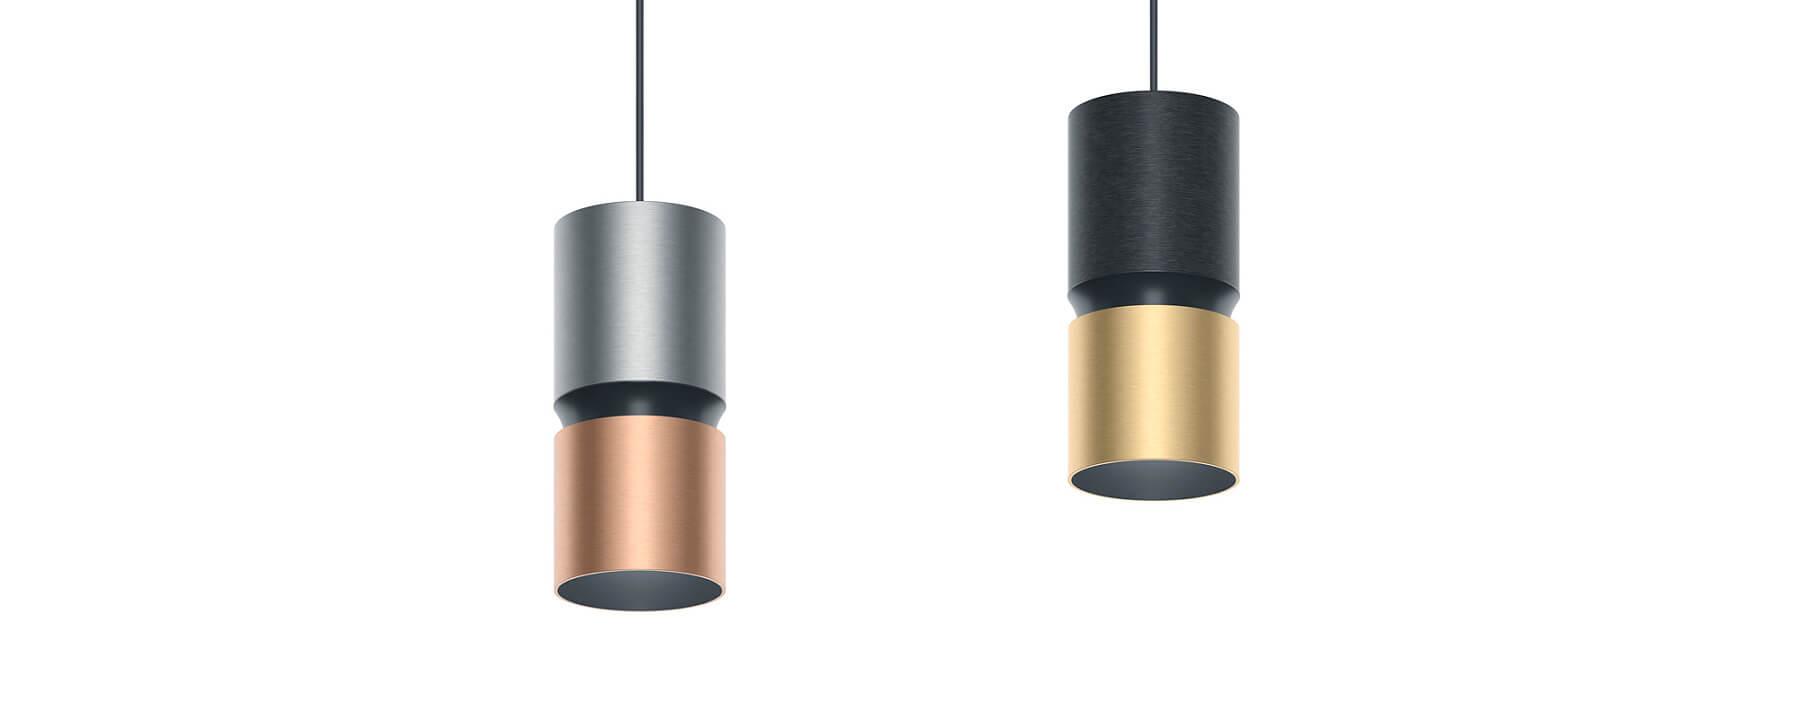 ERCO lighting product Atrium double focus